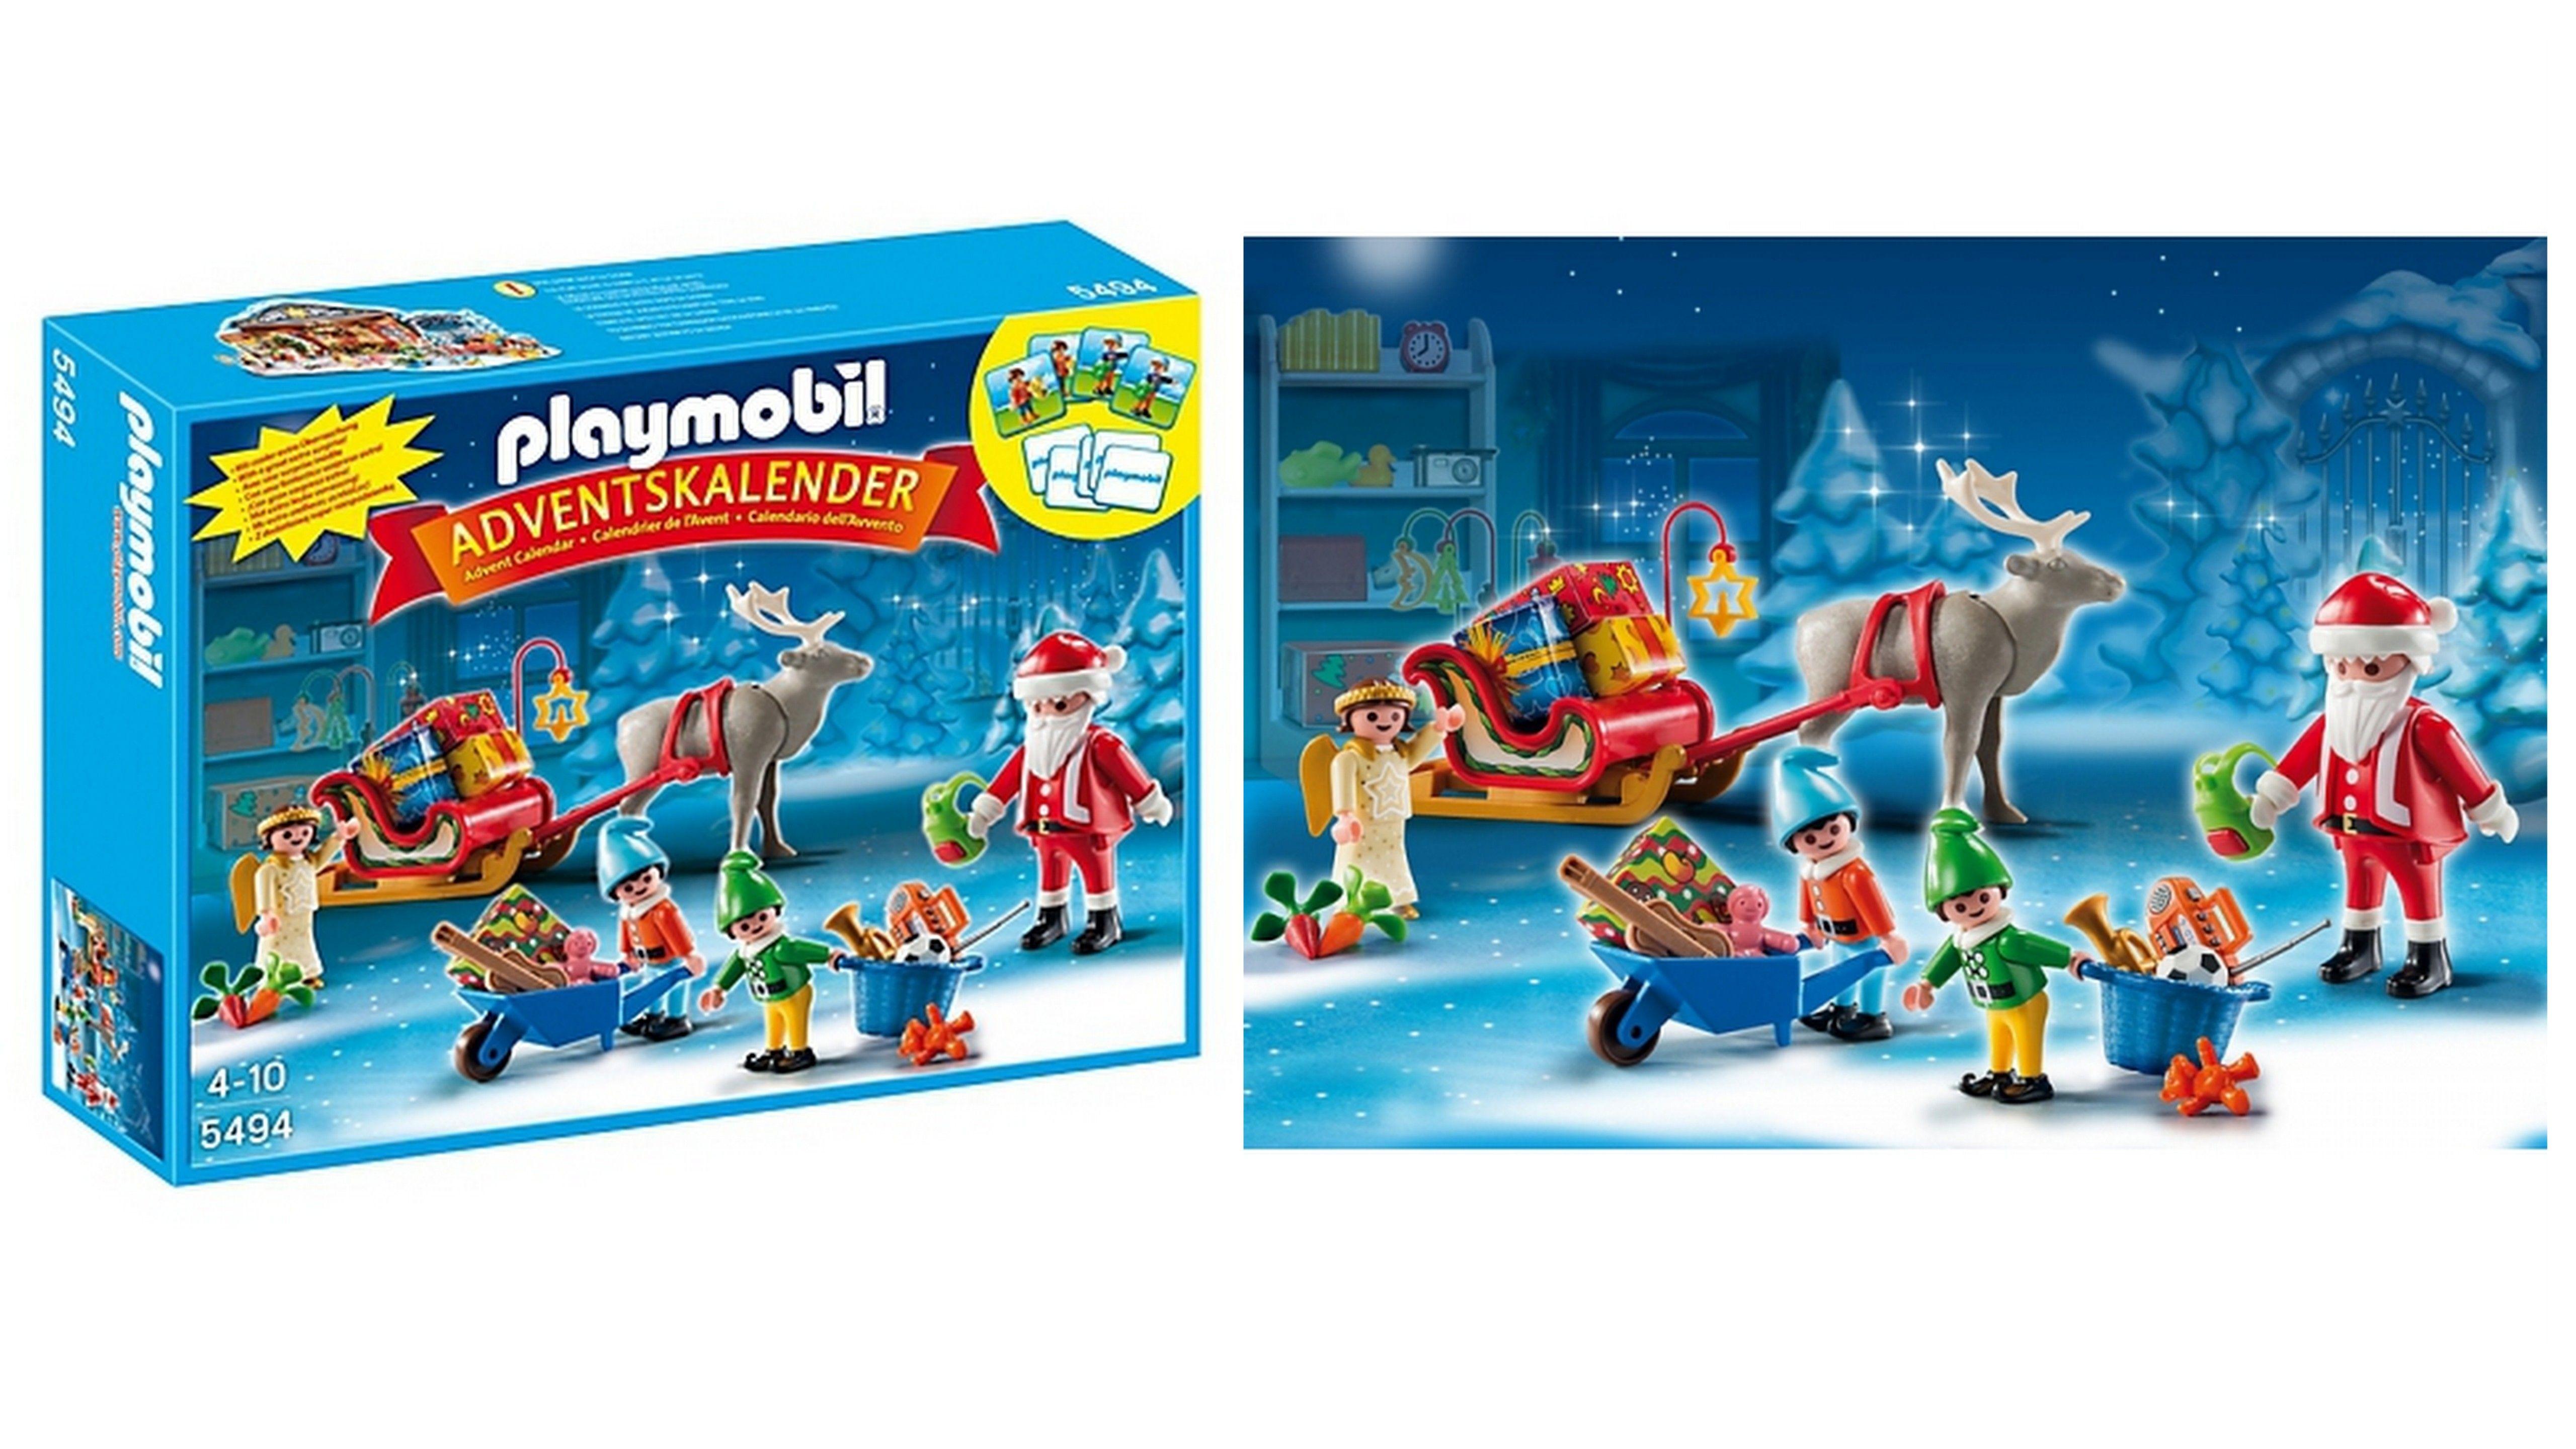 calendario adviento navidad #playmobil descubre los 9 modelos distintos en @playmyplanet